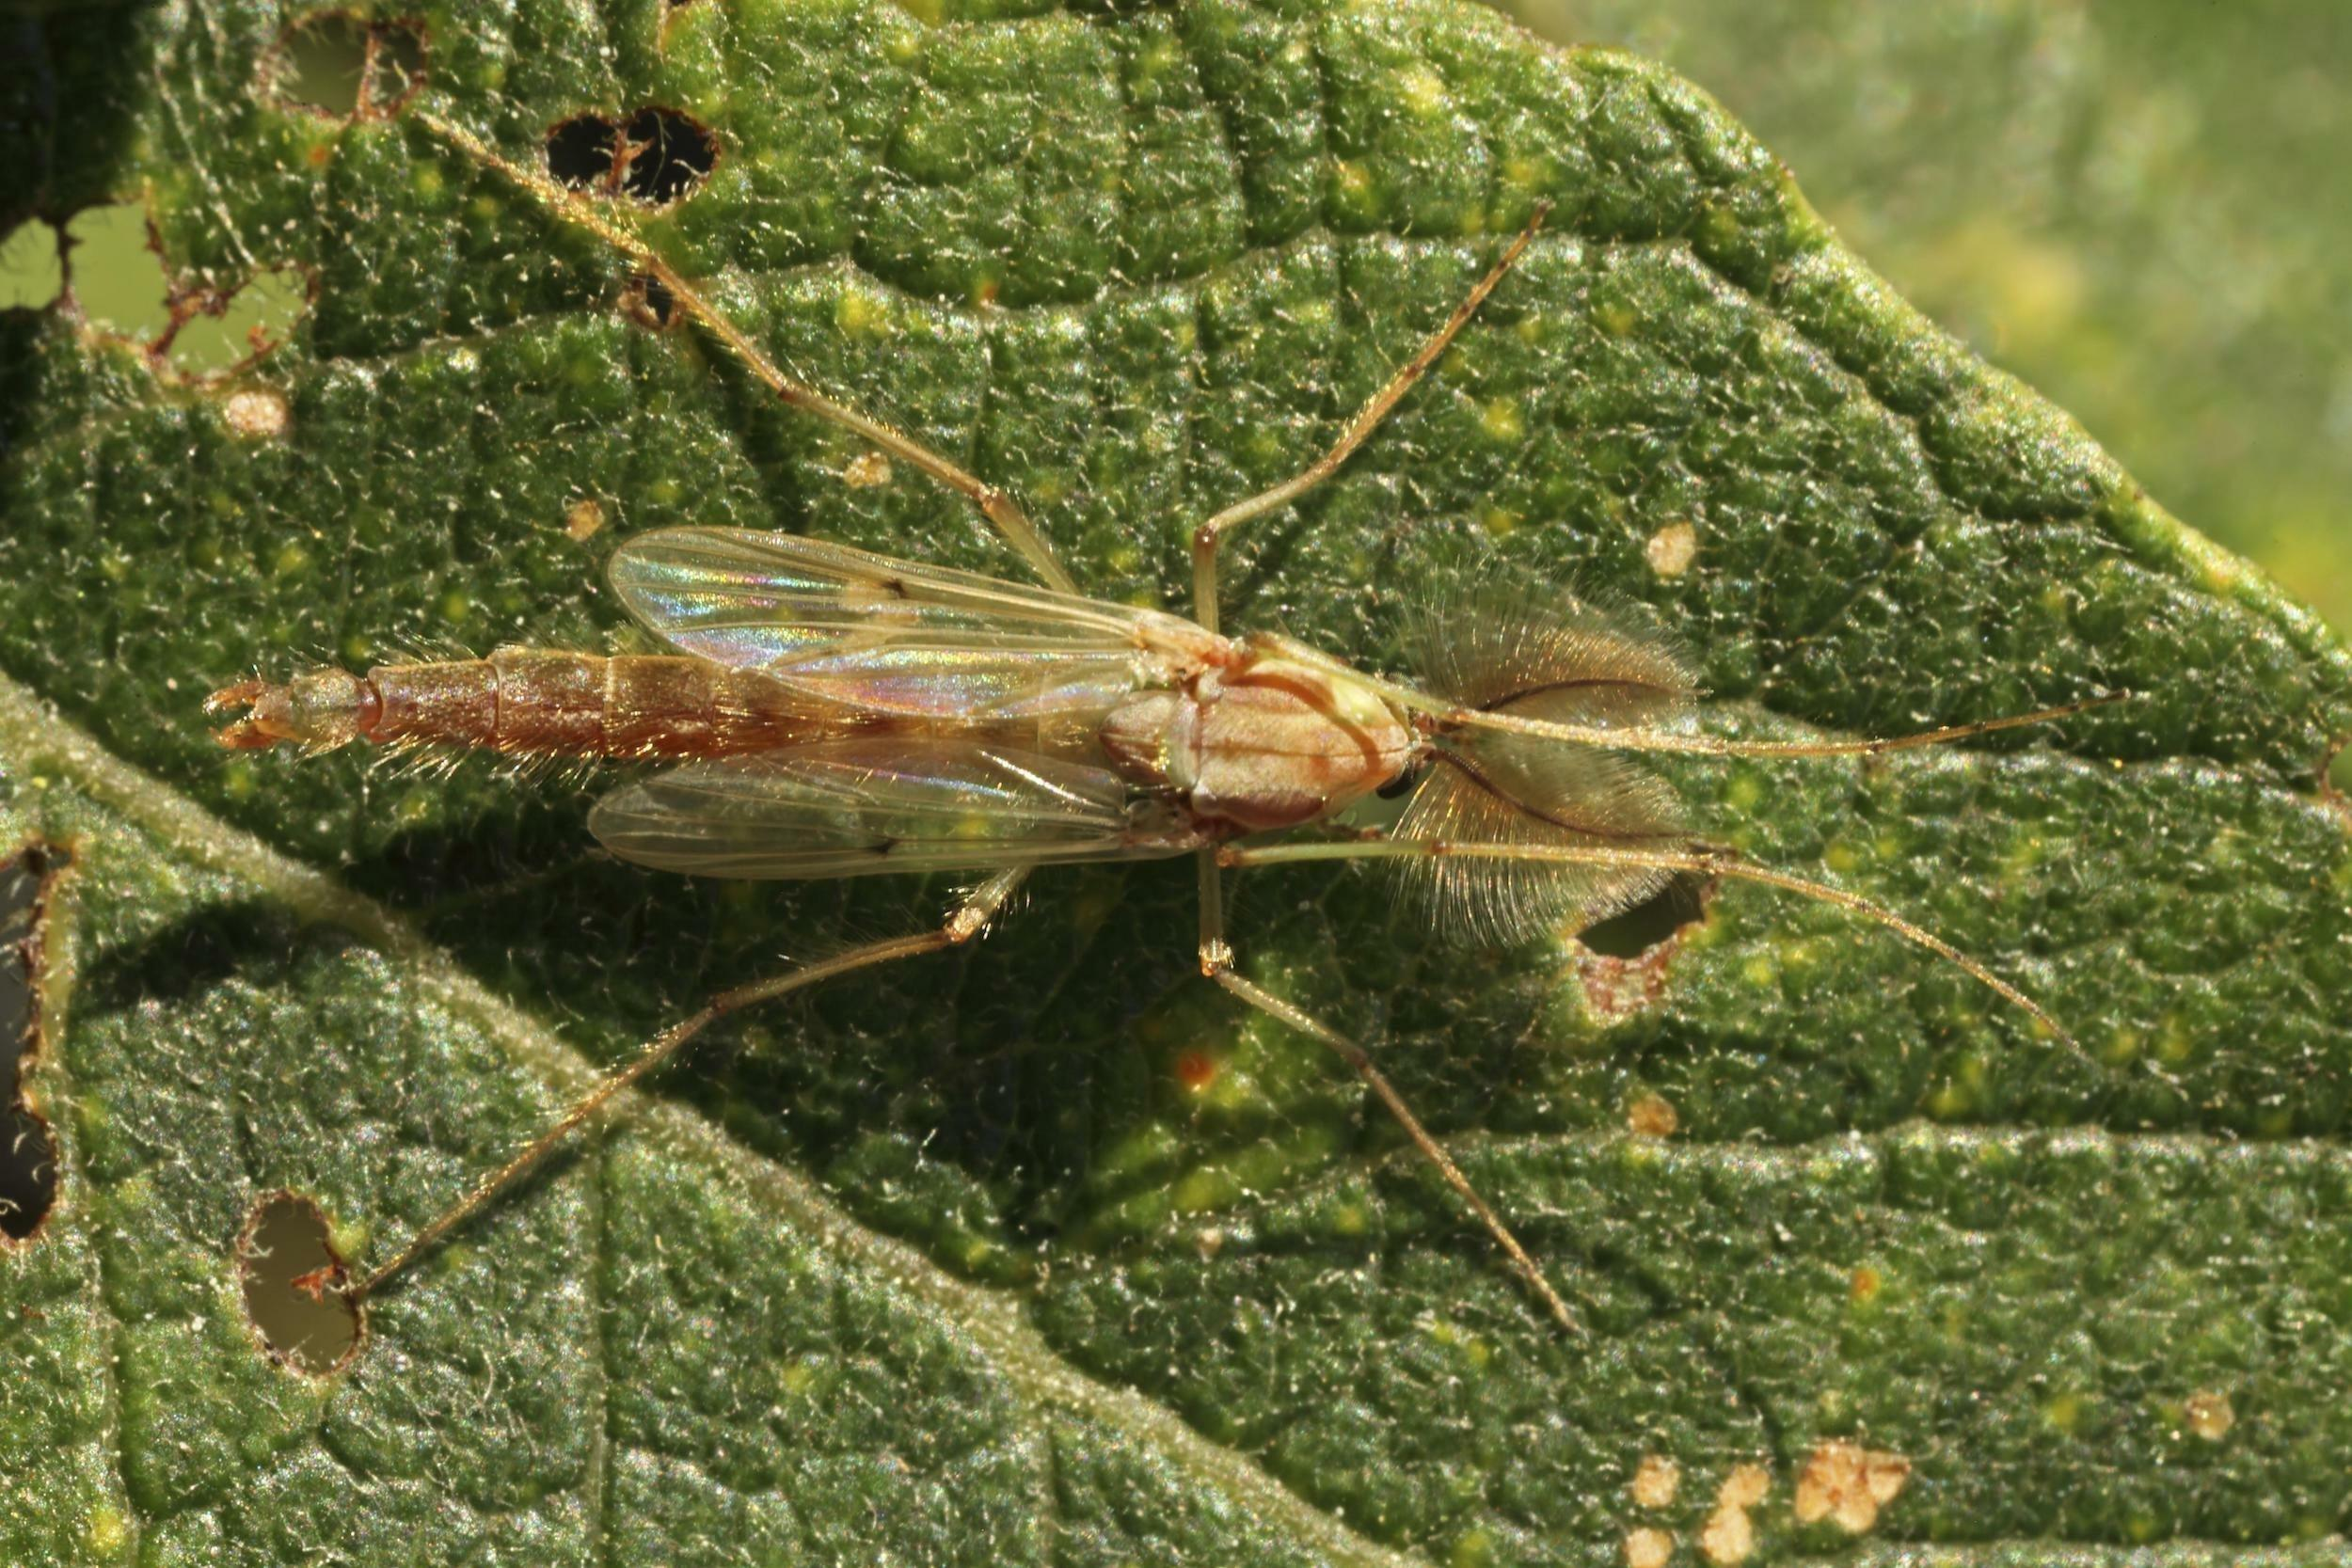 Eine Zuckmücke (Chironomus plumosus) sitzt auf einem Blatt.